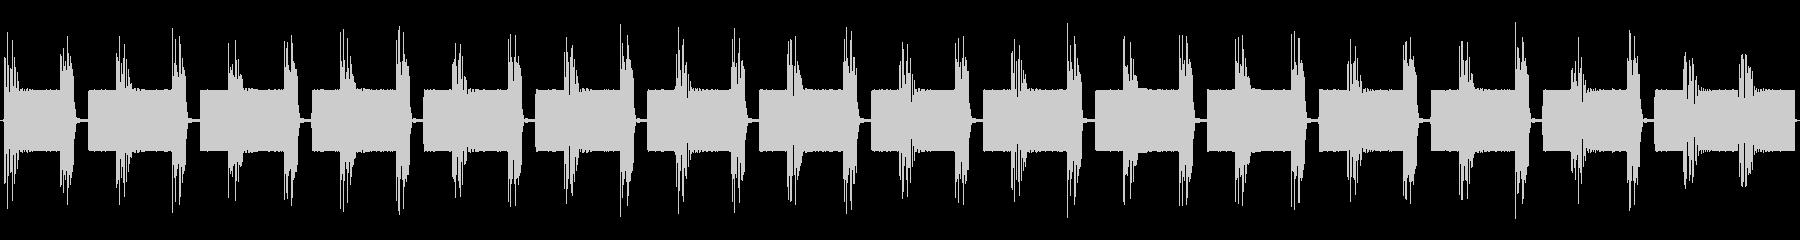 チップチューンの痛快な短いループ1の未再生の波形